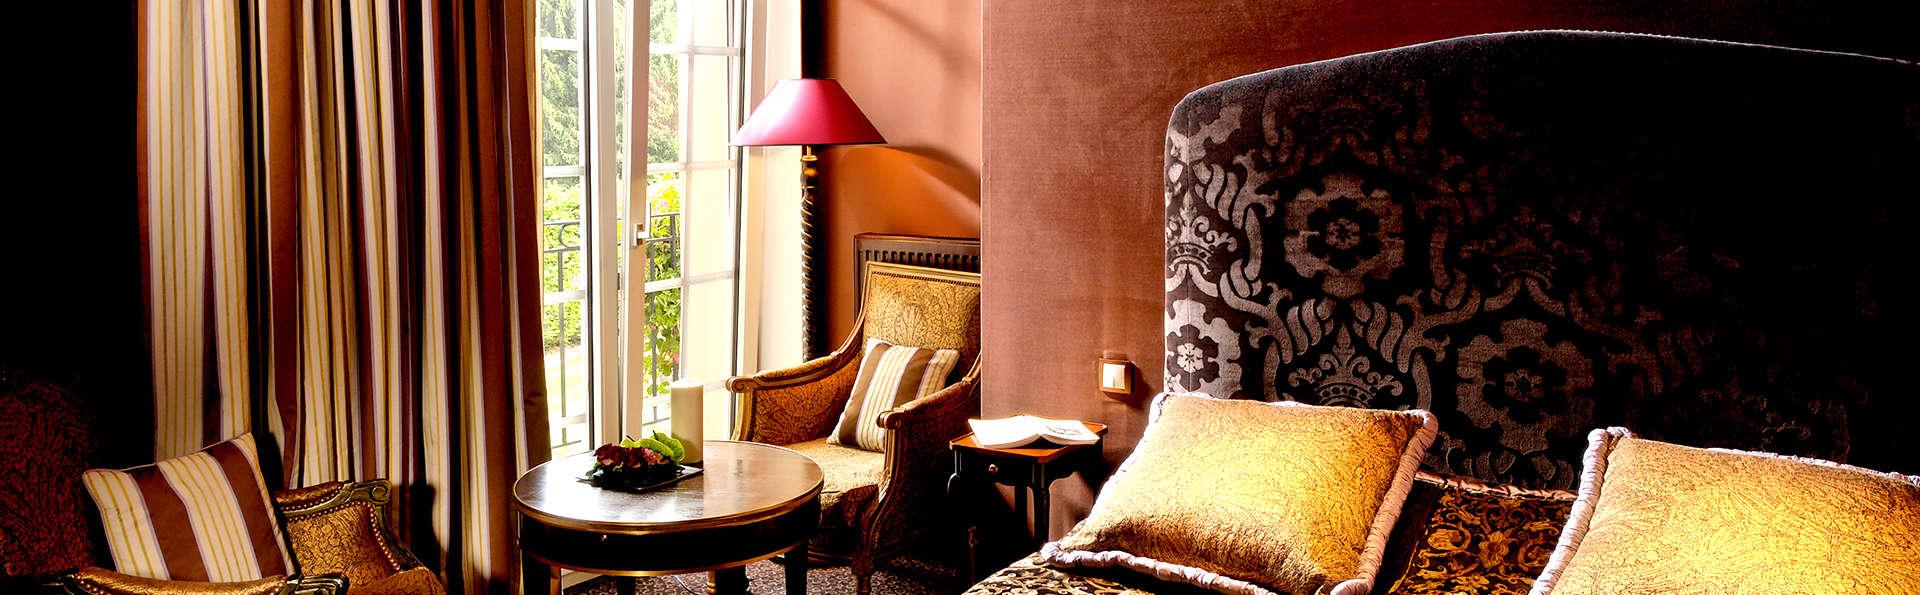 Hôtel et Spa - Restaurant - Le Clos des Délices - Edit_Room3.jpg